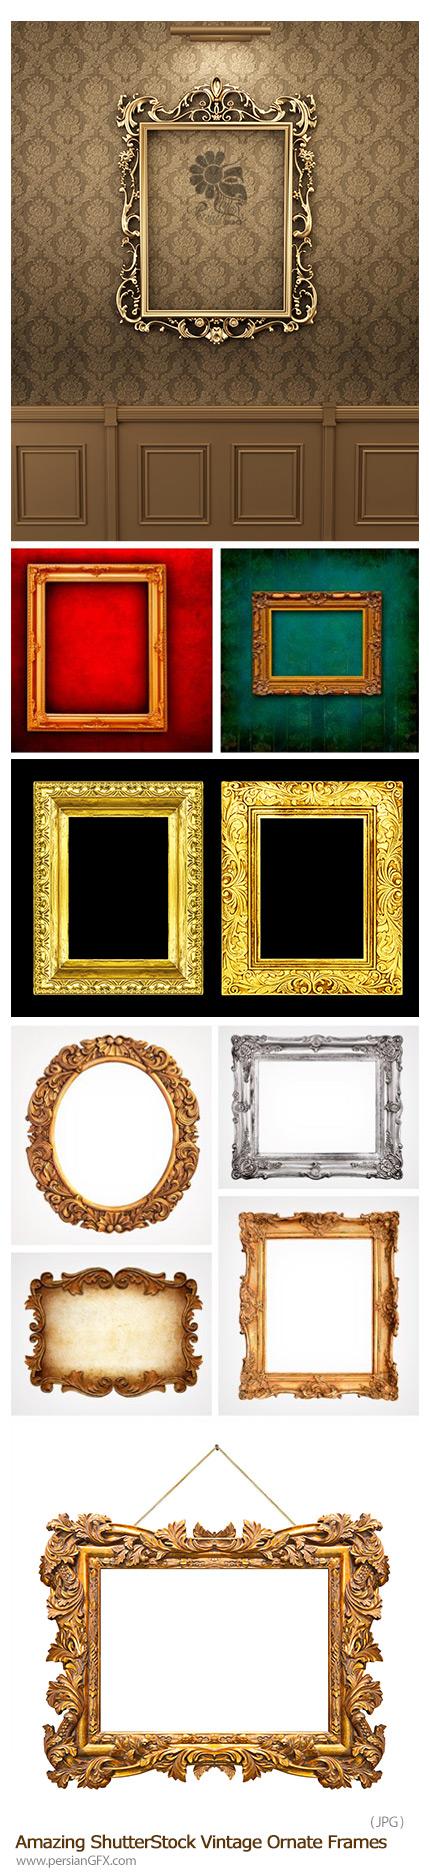 دانلود تصاویر با کیفیت فریم های تزئینی قدیمی از شاتراستوک - Amazing ShutterStock Vintage Ornate Frames